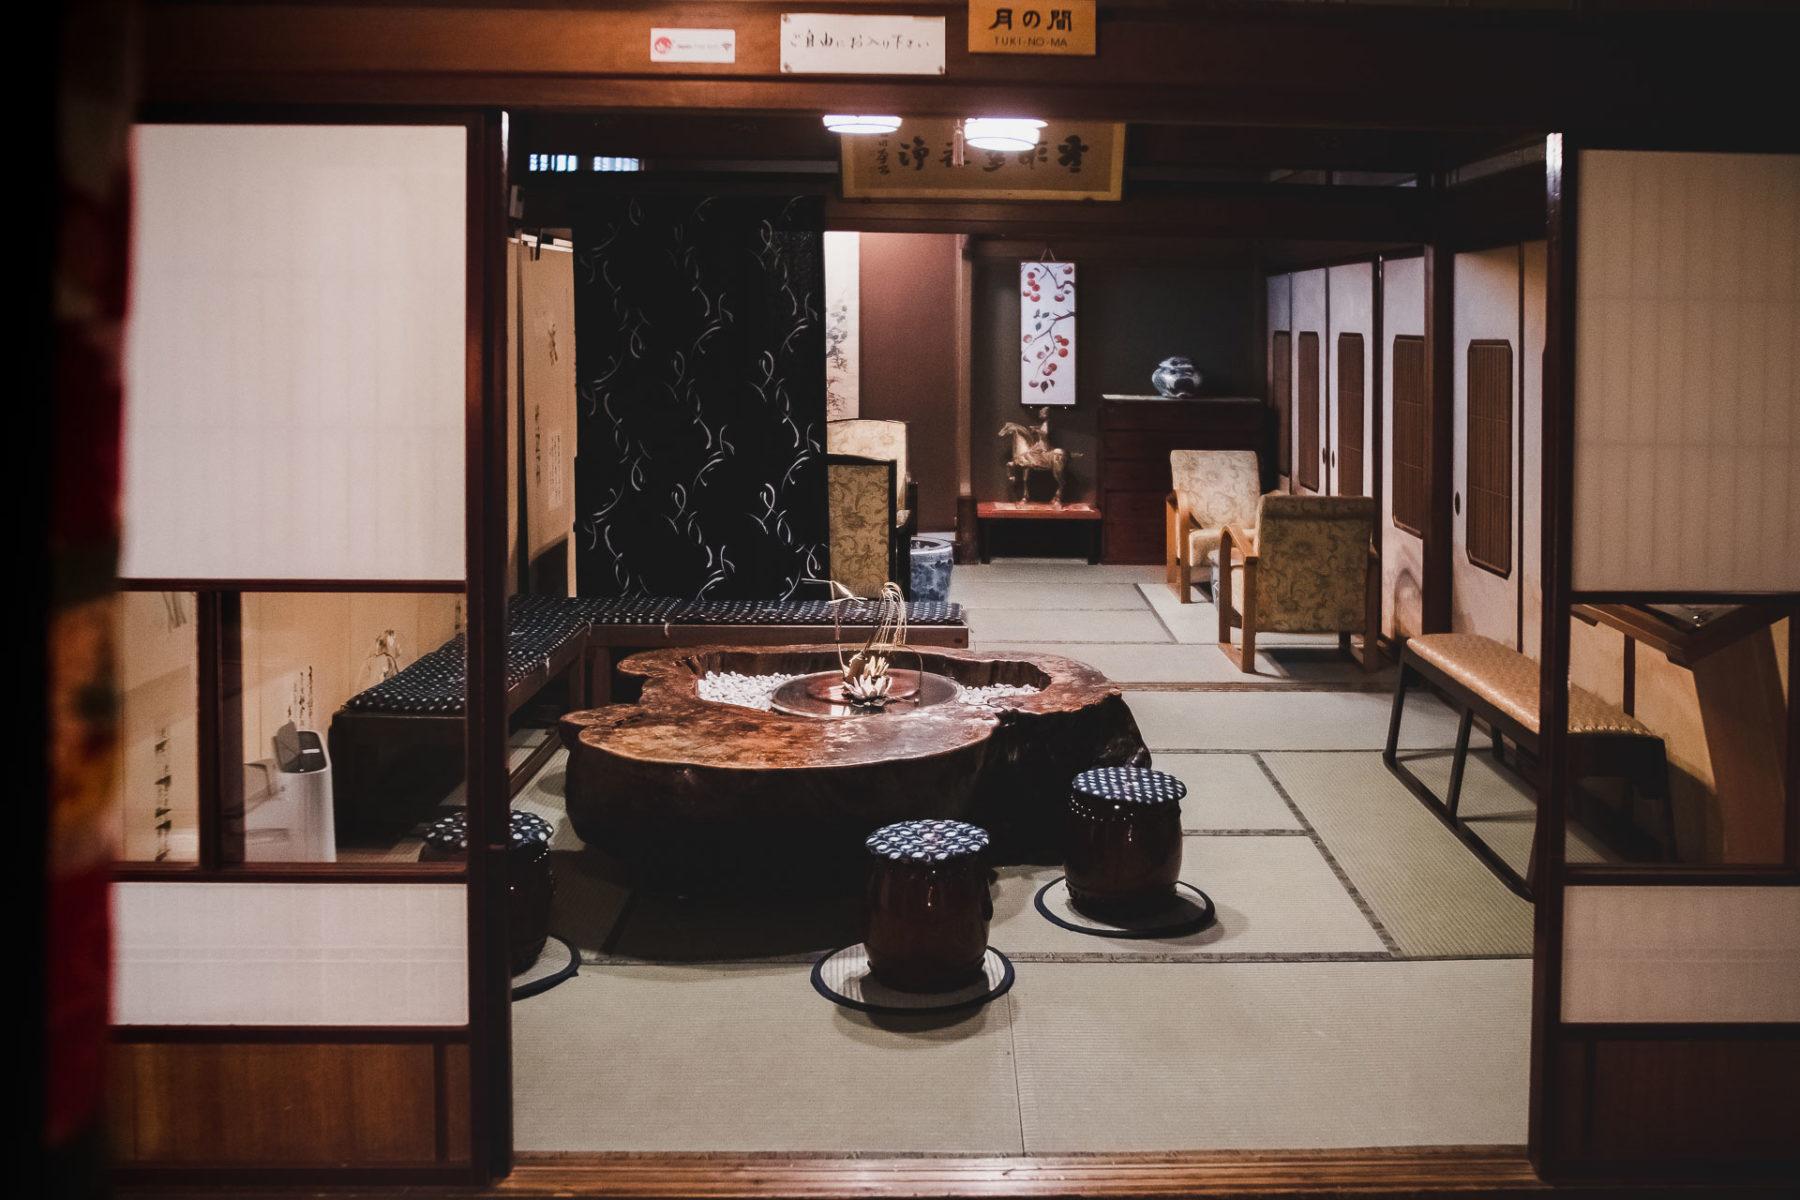 1600942433 117 Hida Furukawa camina en Japon inspiracion de Your Name